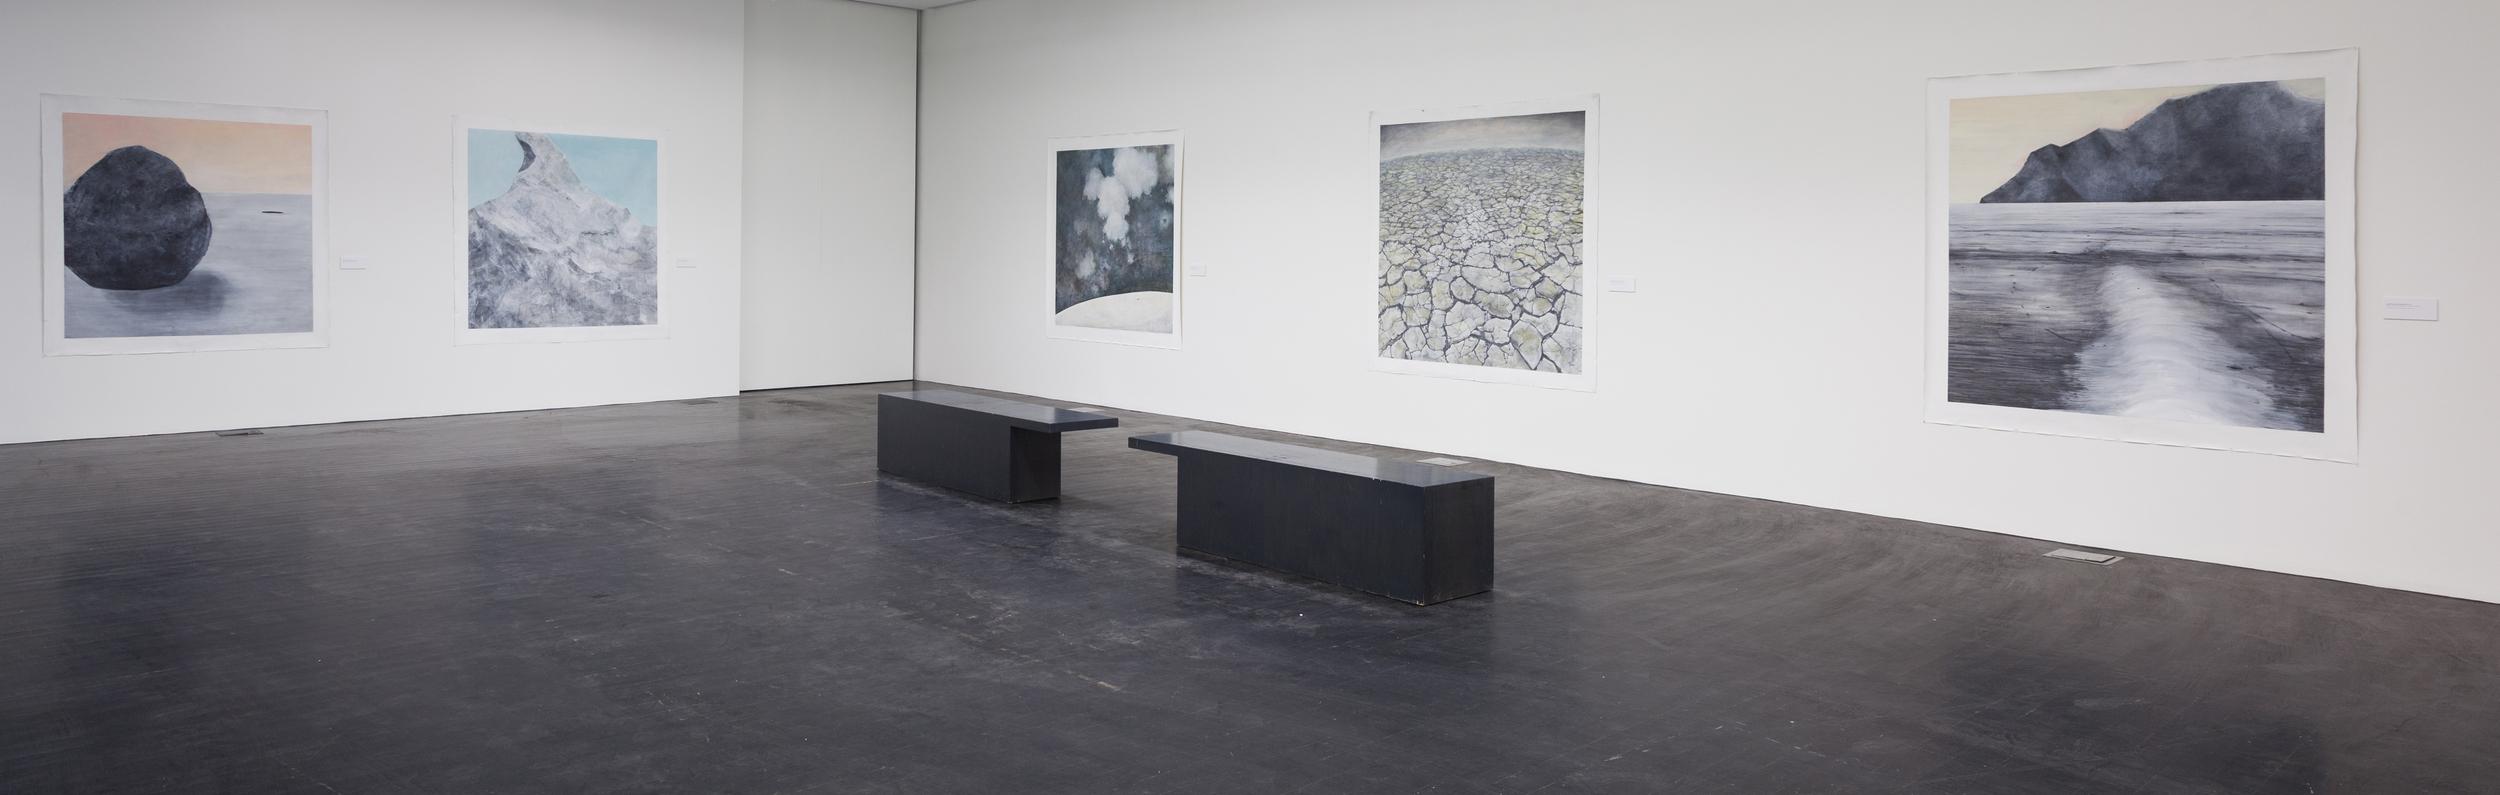 Critical Focus: Lanny DeVuono  Museum of Contemporary Art Denver  02/19/2016 to 06/05/2016